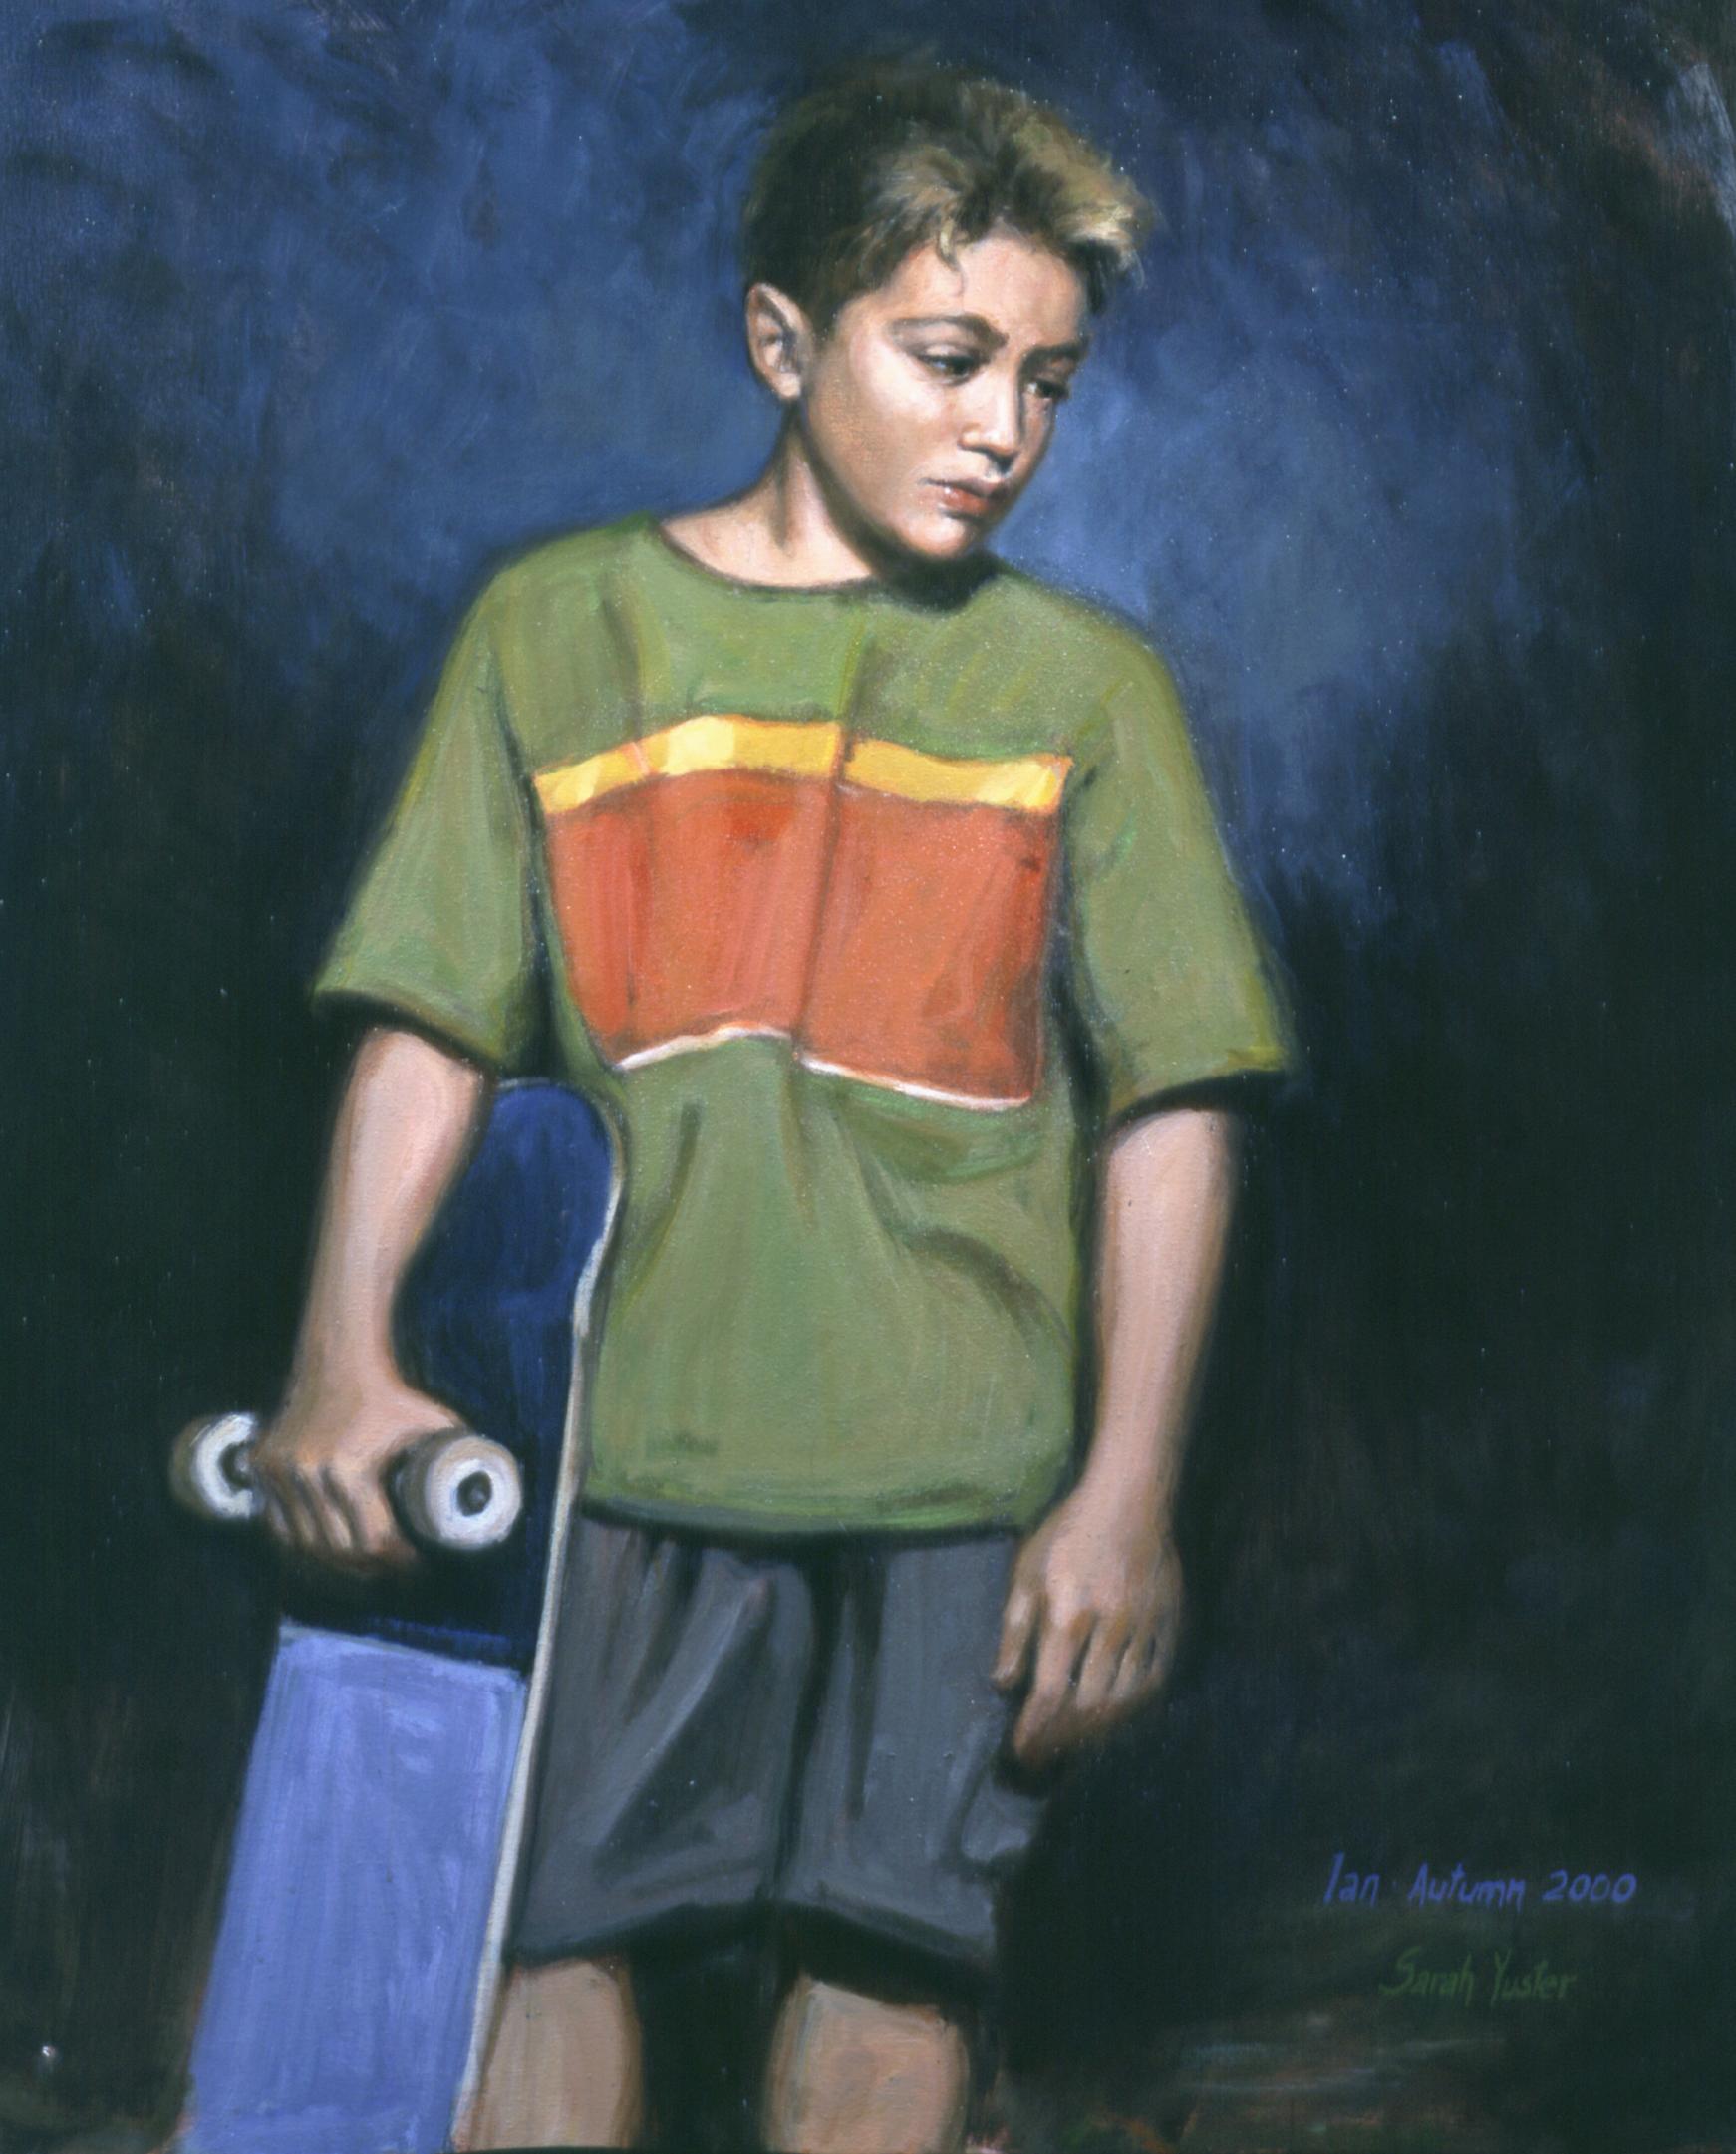 Ian - 2000